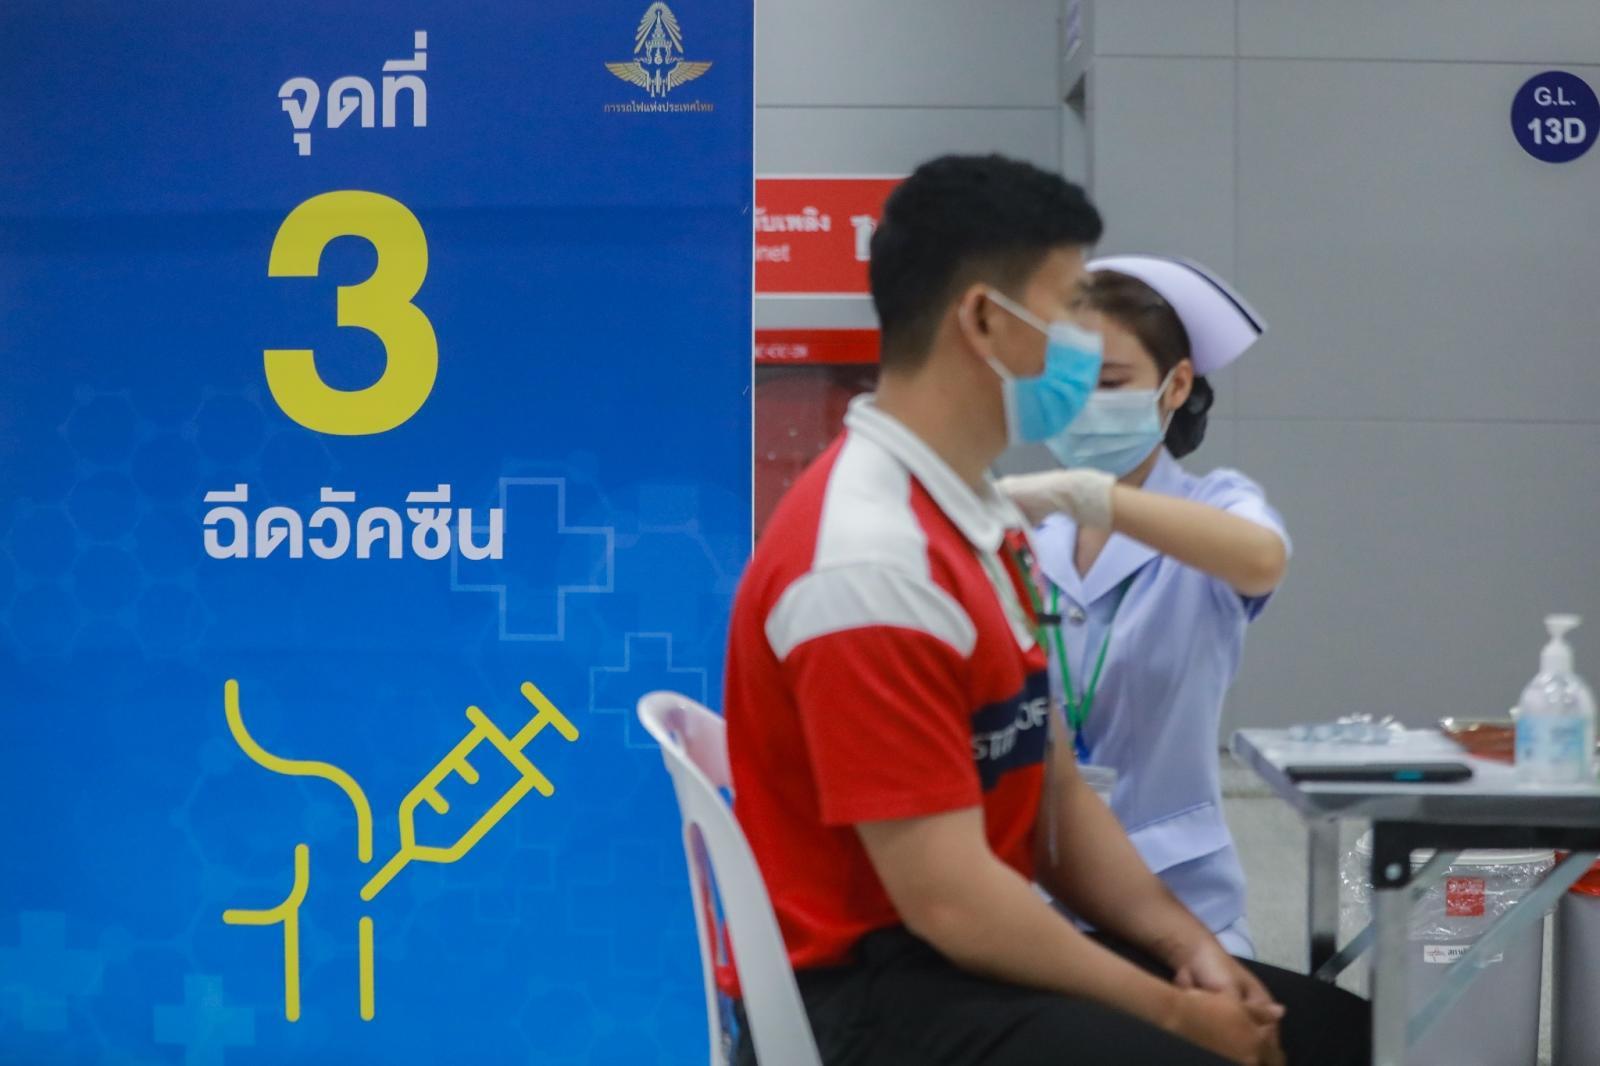 """โพลเปิดความมั่นใจต่อวัคซีนโควิด-19 ของคนไทย พบ """"ไฟเซอร์"""" มากสุด"""